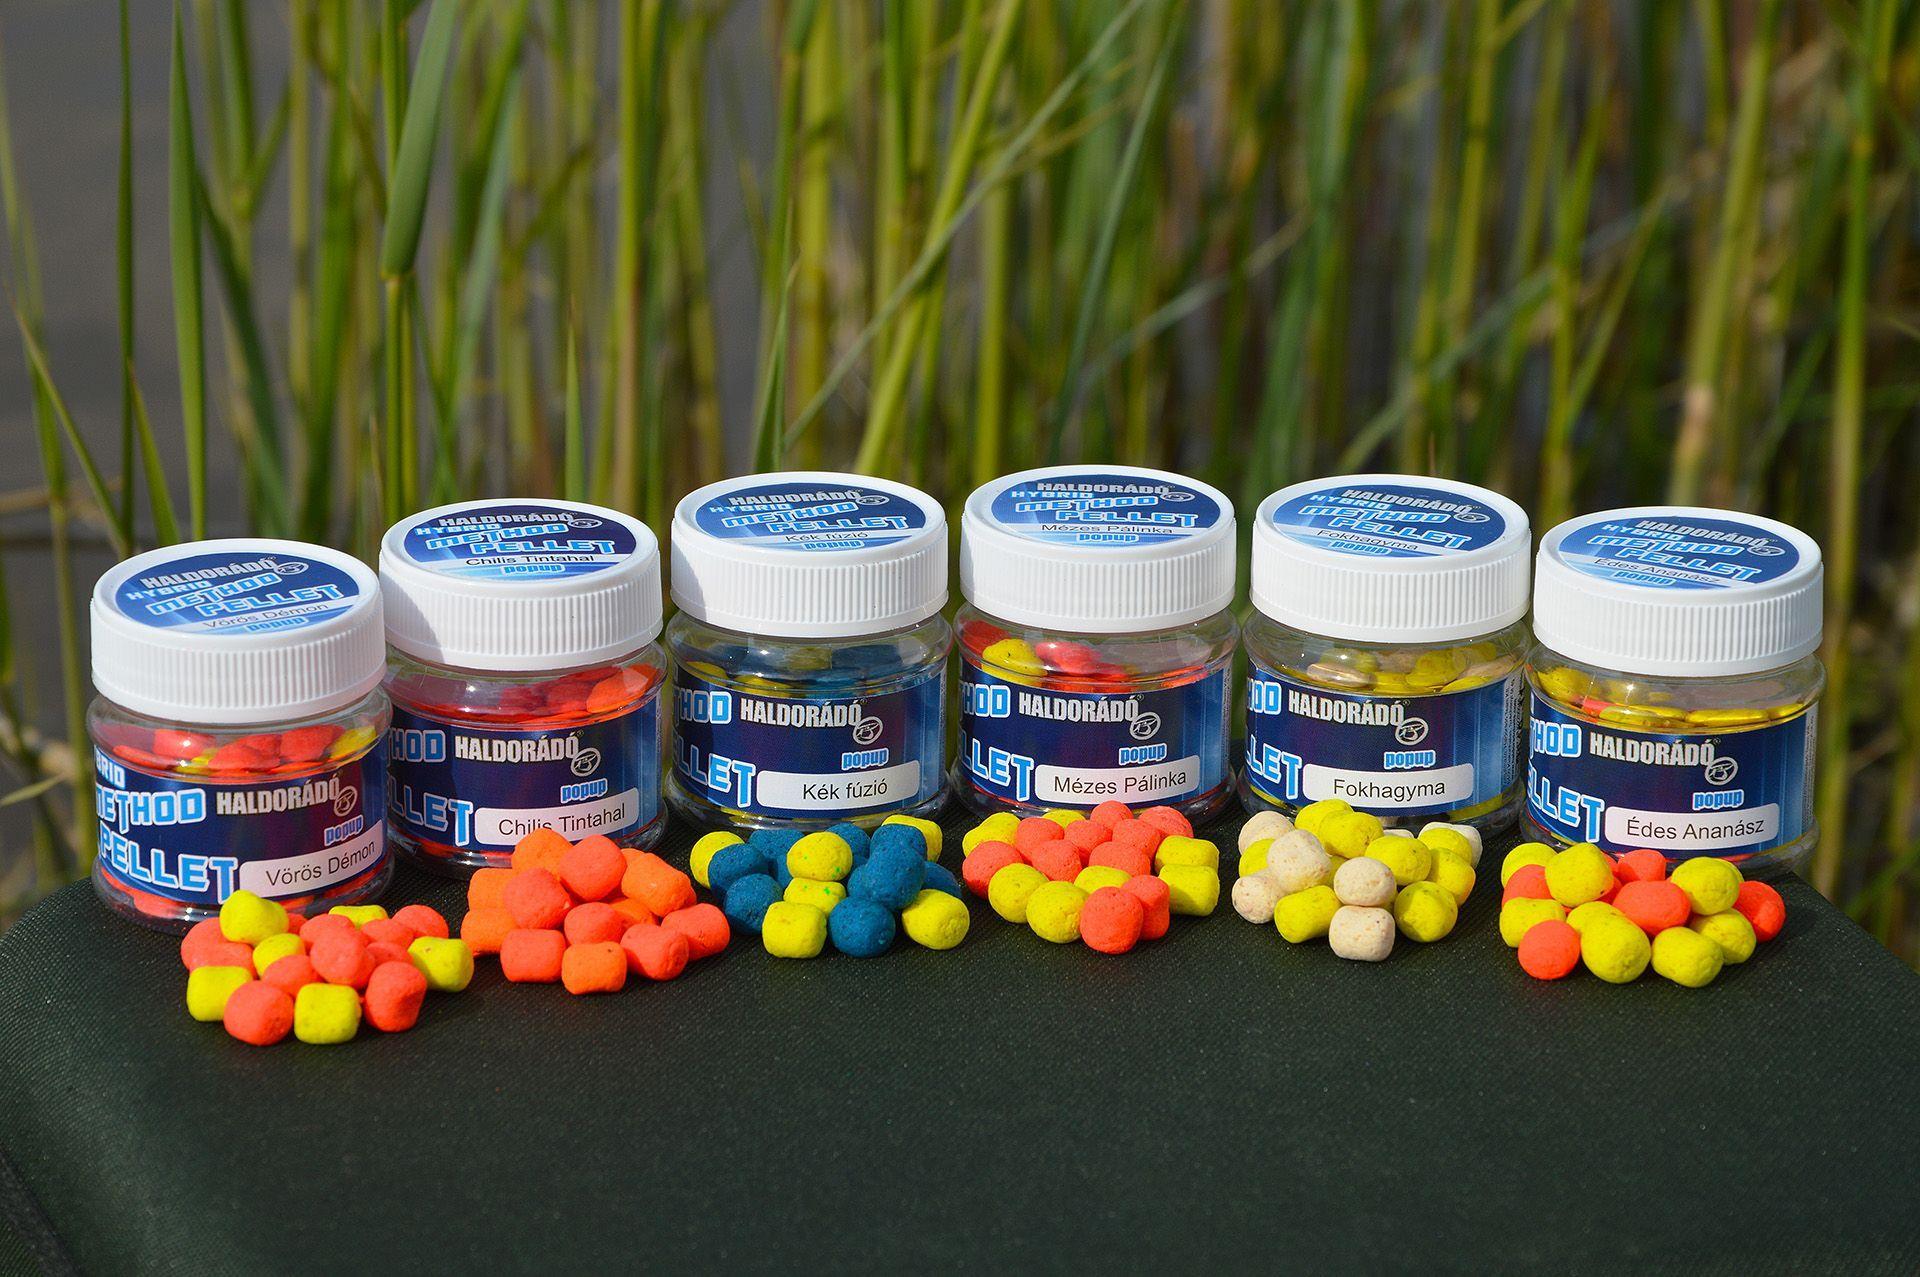 A Hybrid Method Pelletek 6 népszerű ízben, ízenként két színváltozatban kaphatók: Chilis Tintahal, Édes Ananász, Fokhagyma, Kék Fúzió, Mézes Pálinka, Vörös Démon